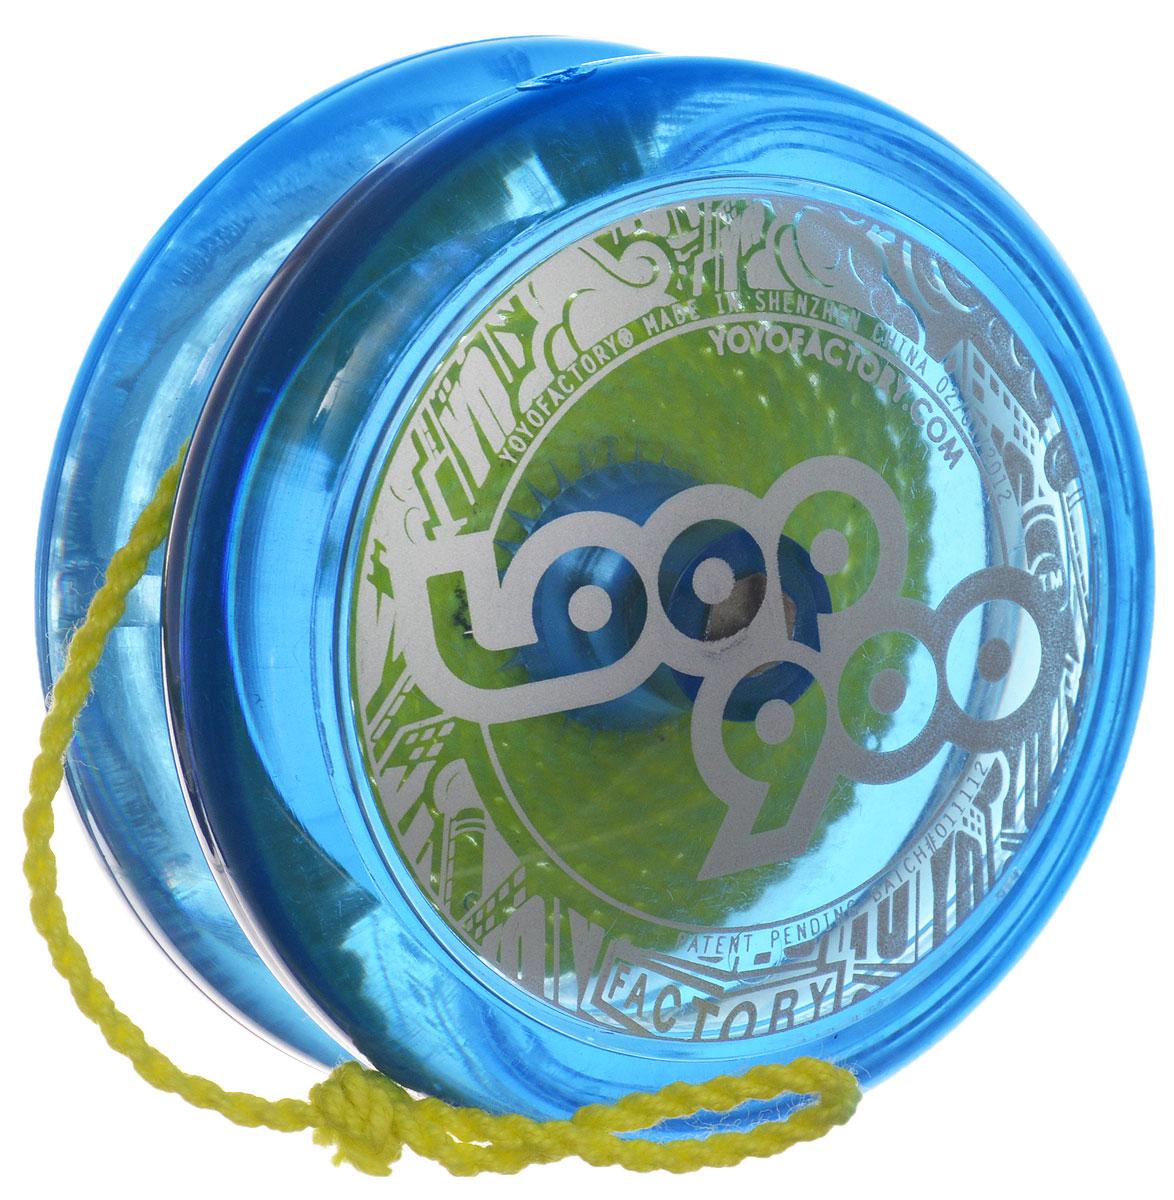 YoYoFactory Йо-йо Loop 900 цвет синий йо йо duncan raptor href